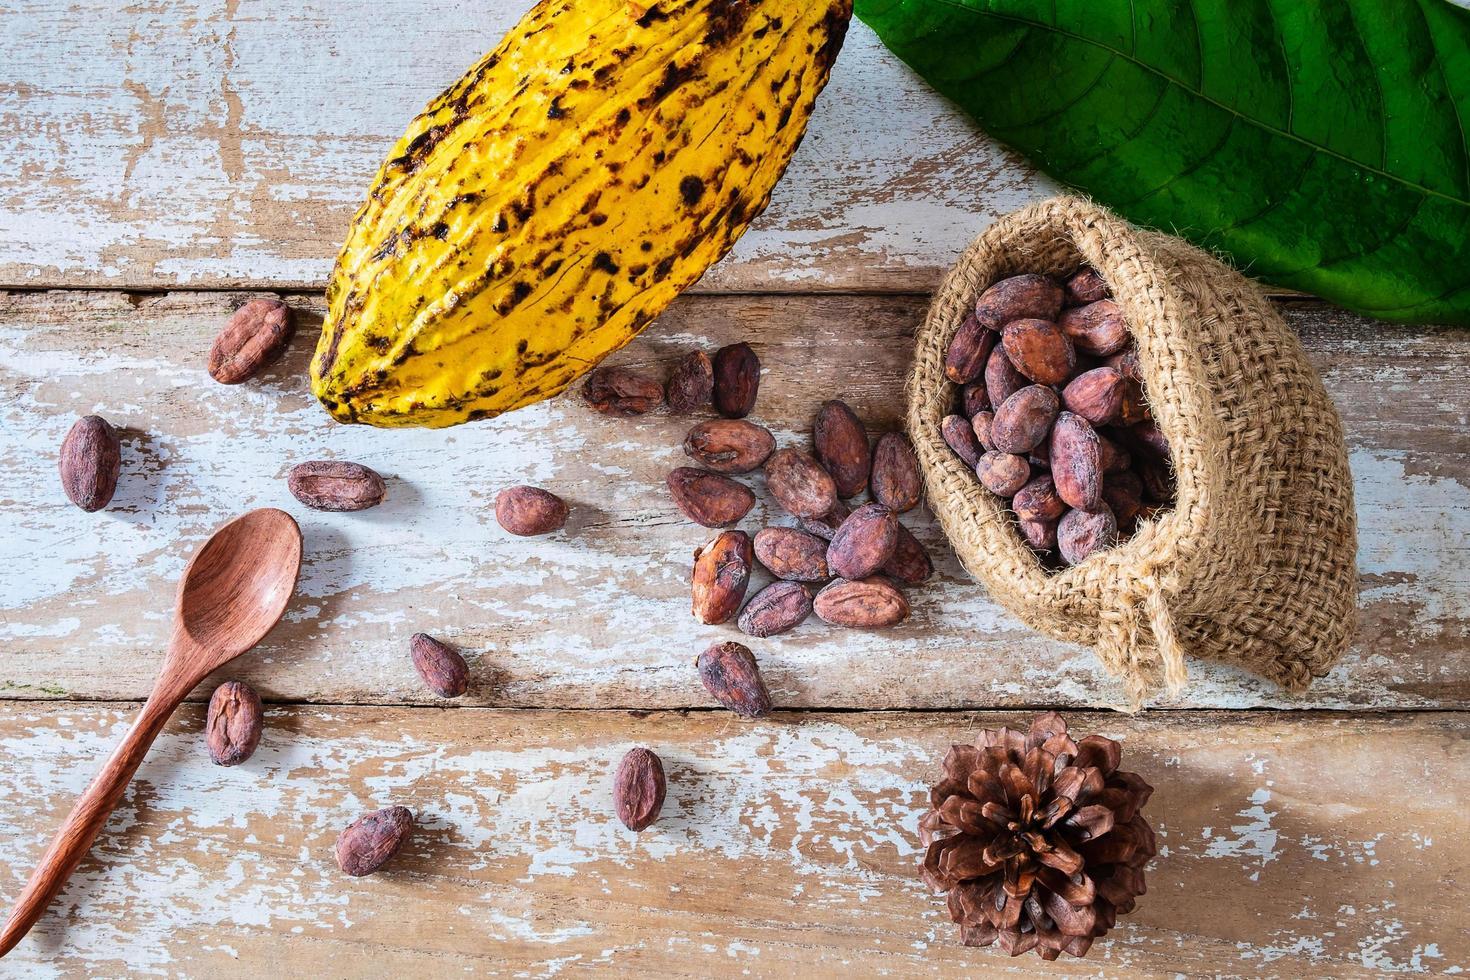 Cocoa pod and cocoa beans photo